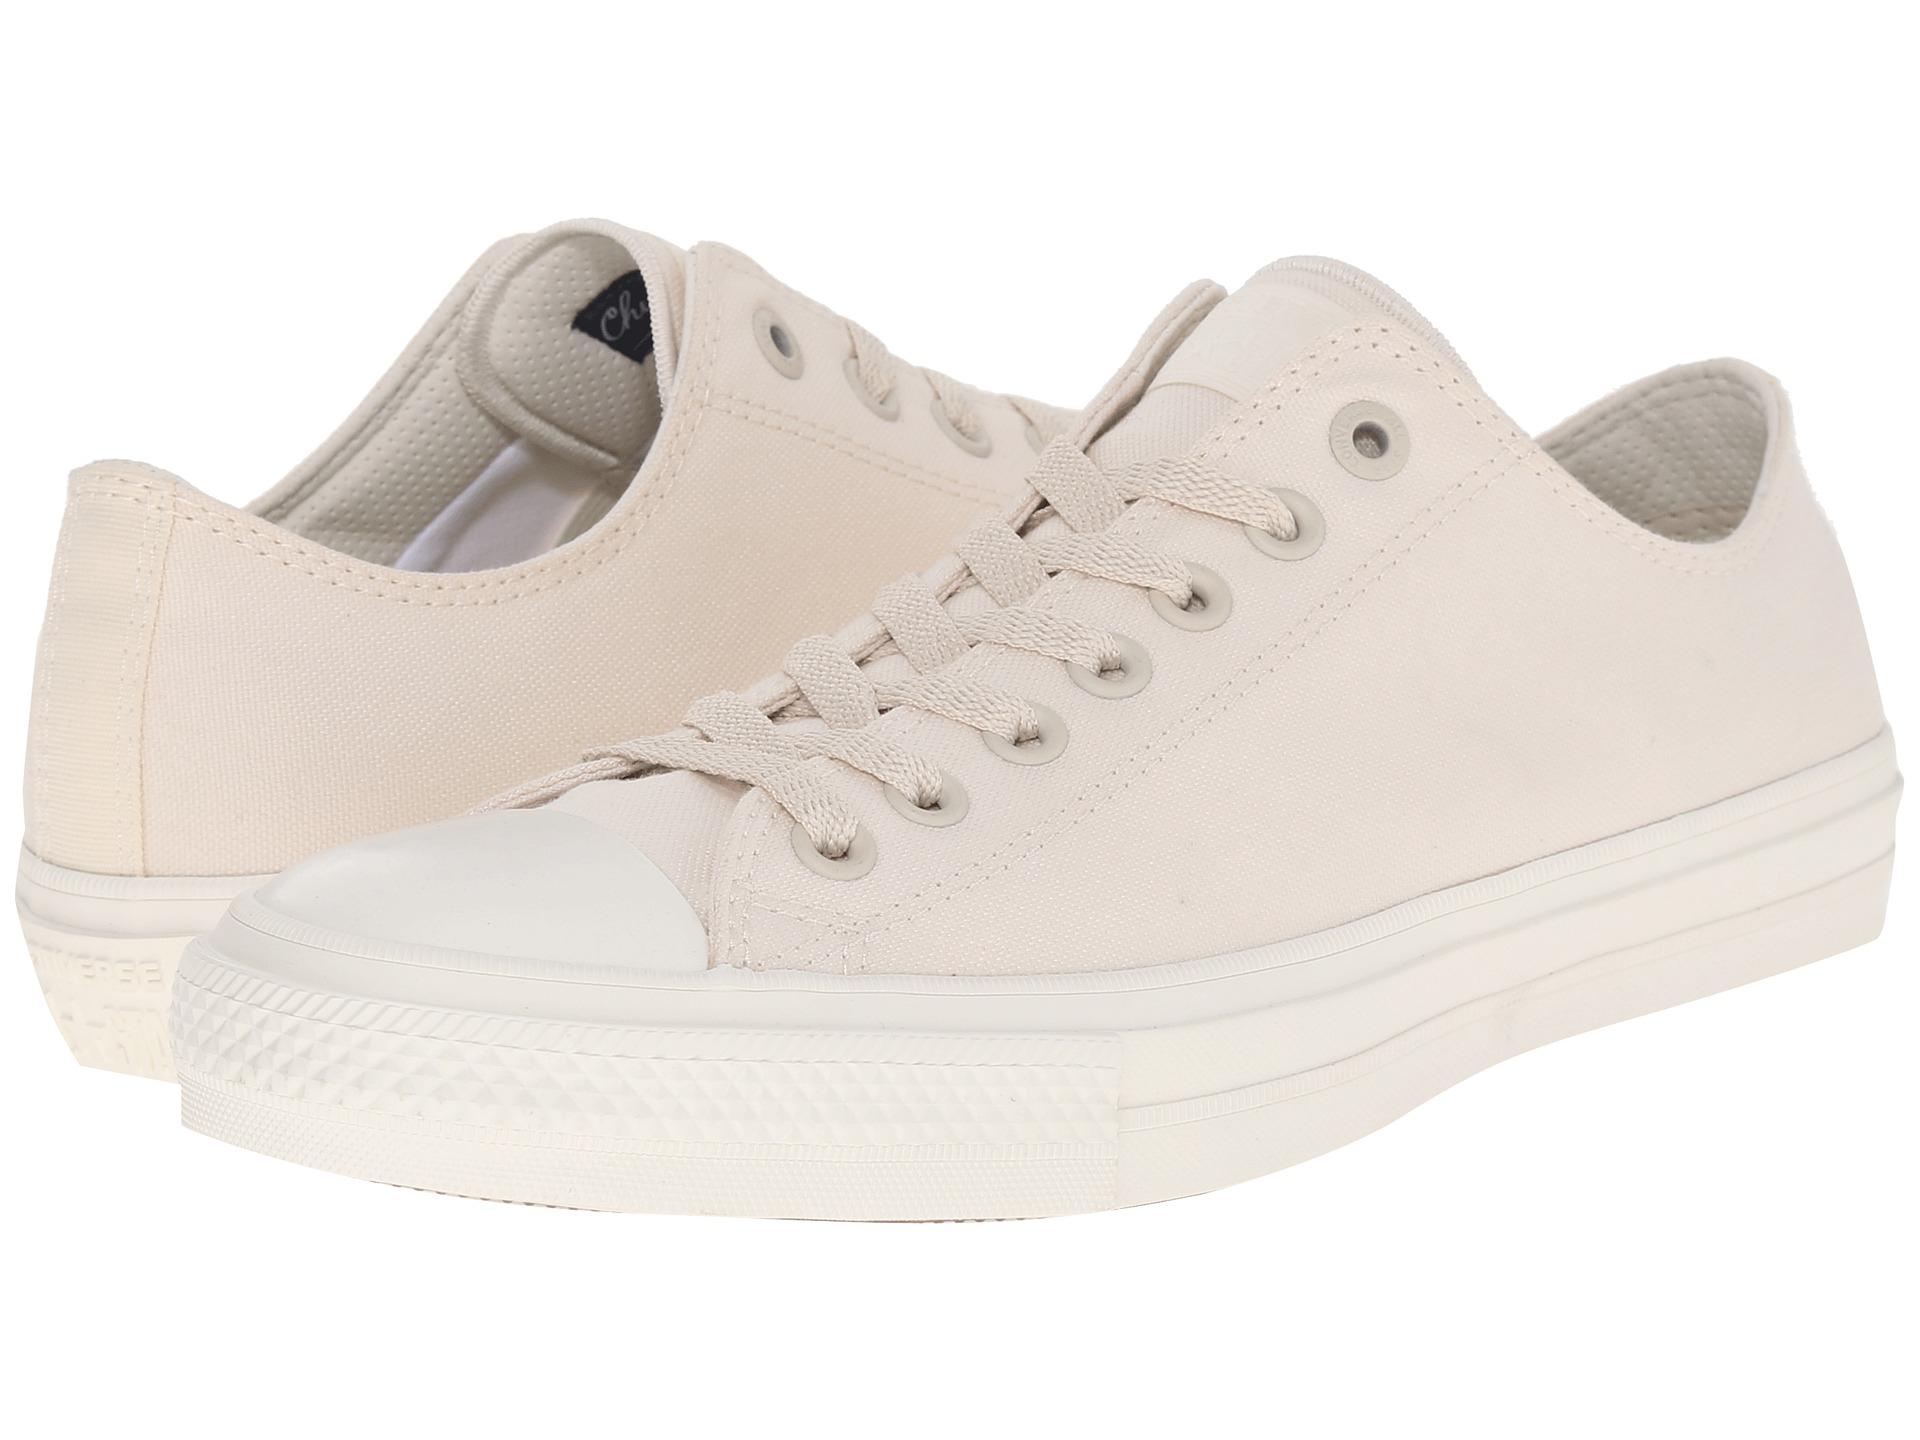 7dca78e0e472 Gallery. Previously sold at  Zappos · Women s Converse Chuck Taylor Women s  Velcro Sneakers ...